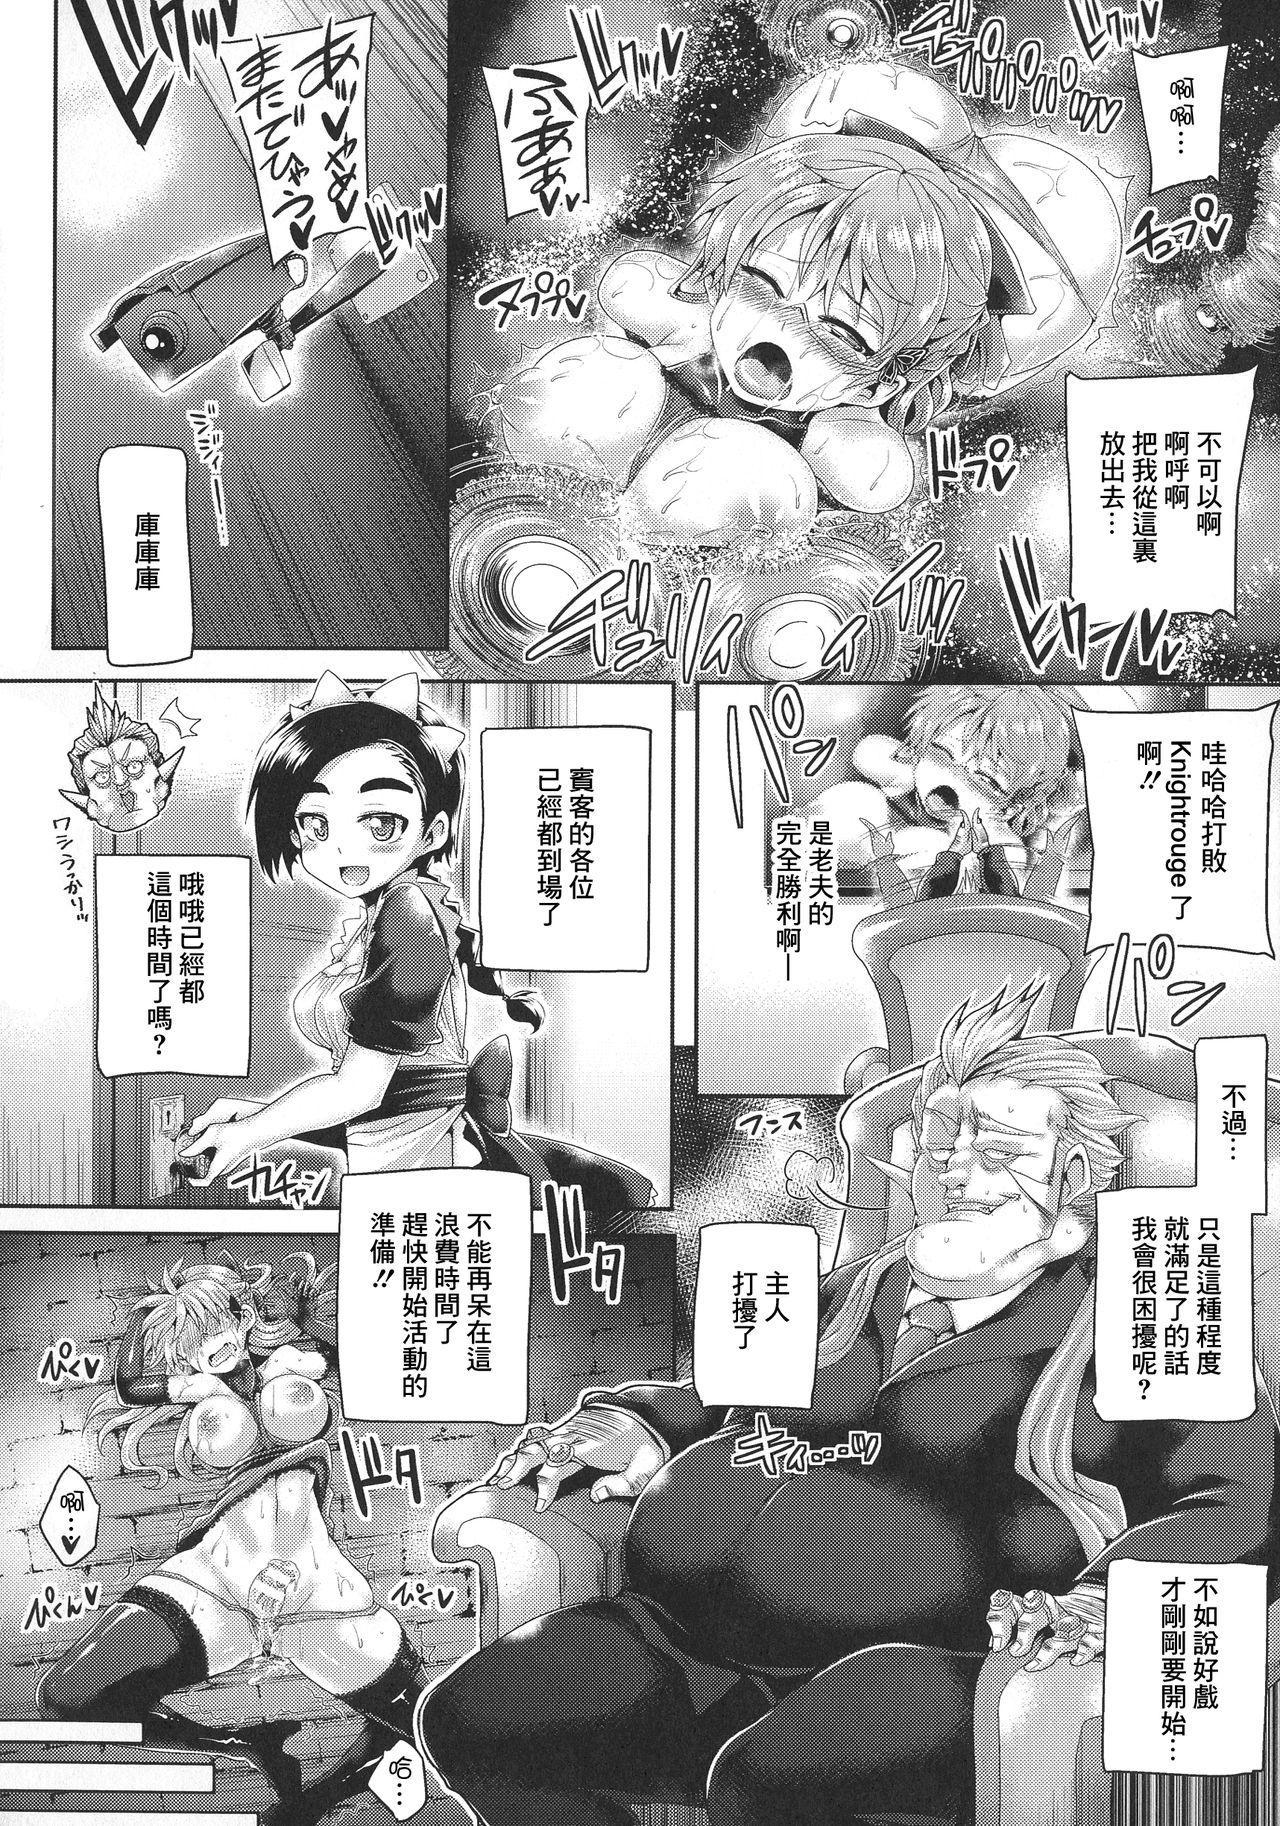 Futanari Gal Brave - Tsuiteru Gal Yuusha Isekai no ji ni Botsu 142